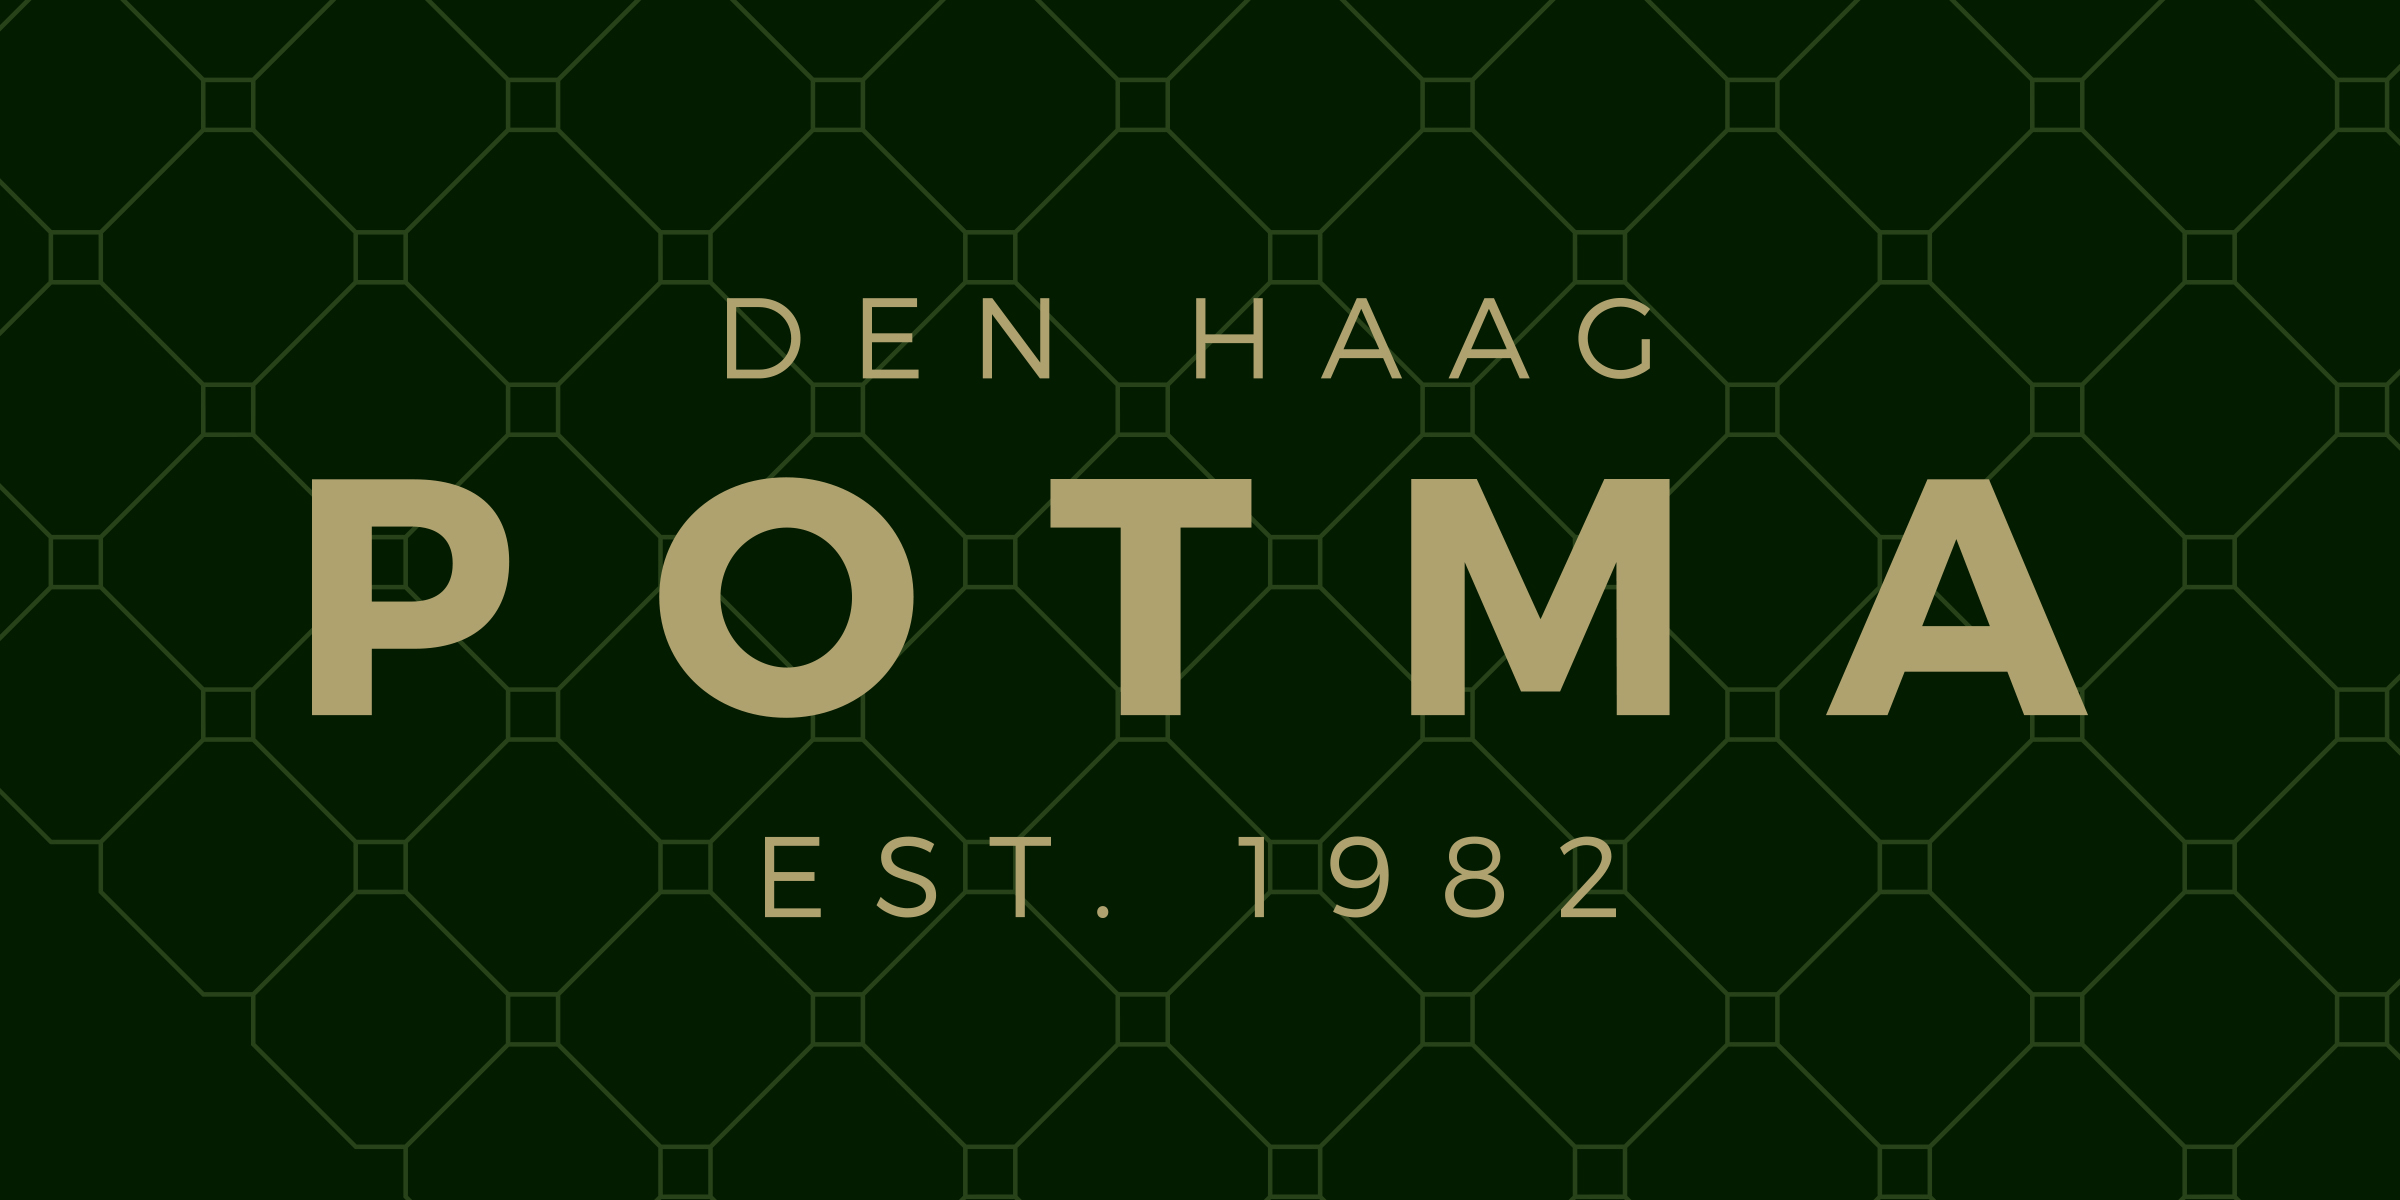 03. Potma-Sebastiaan-Werkendam